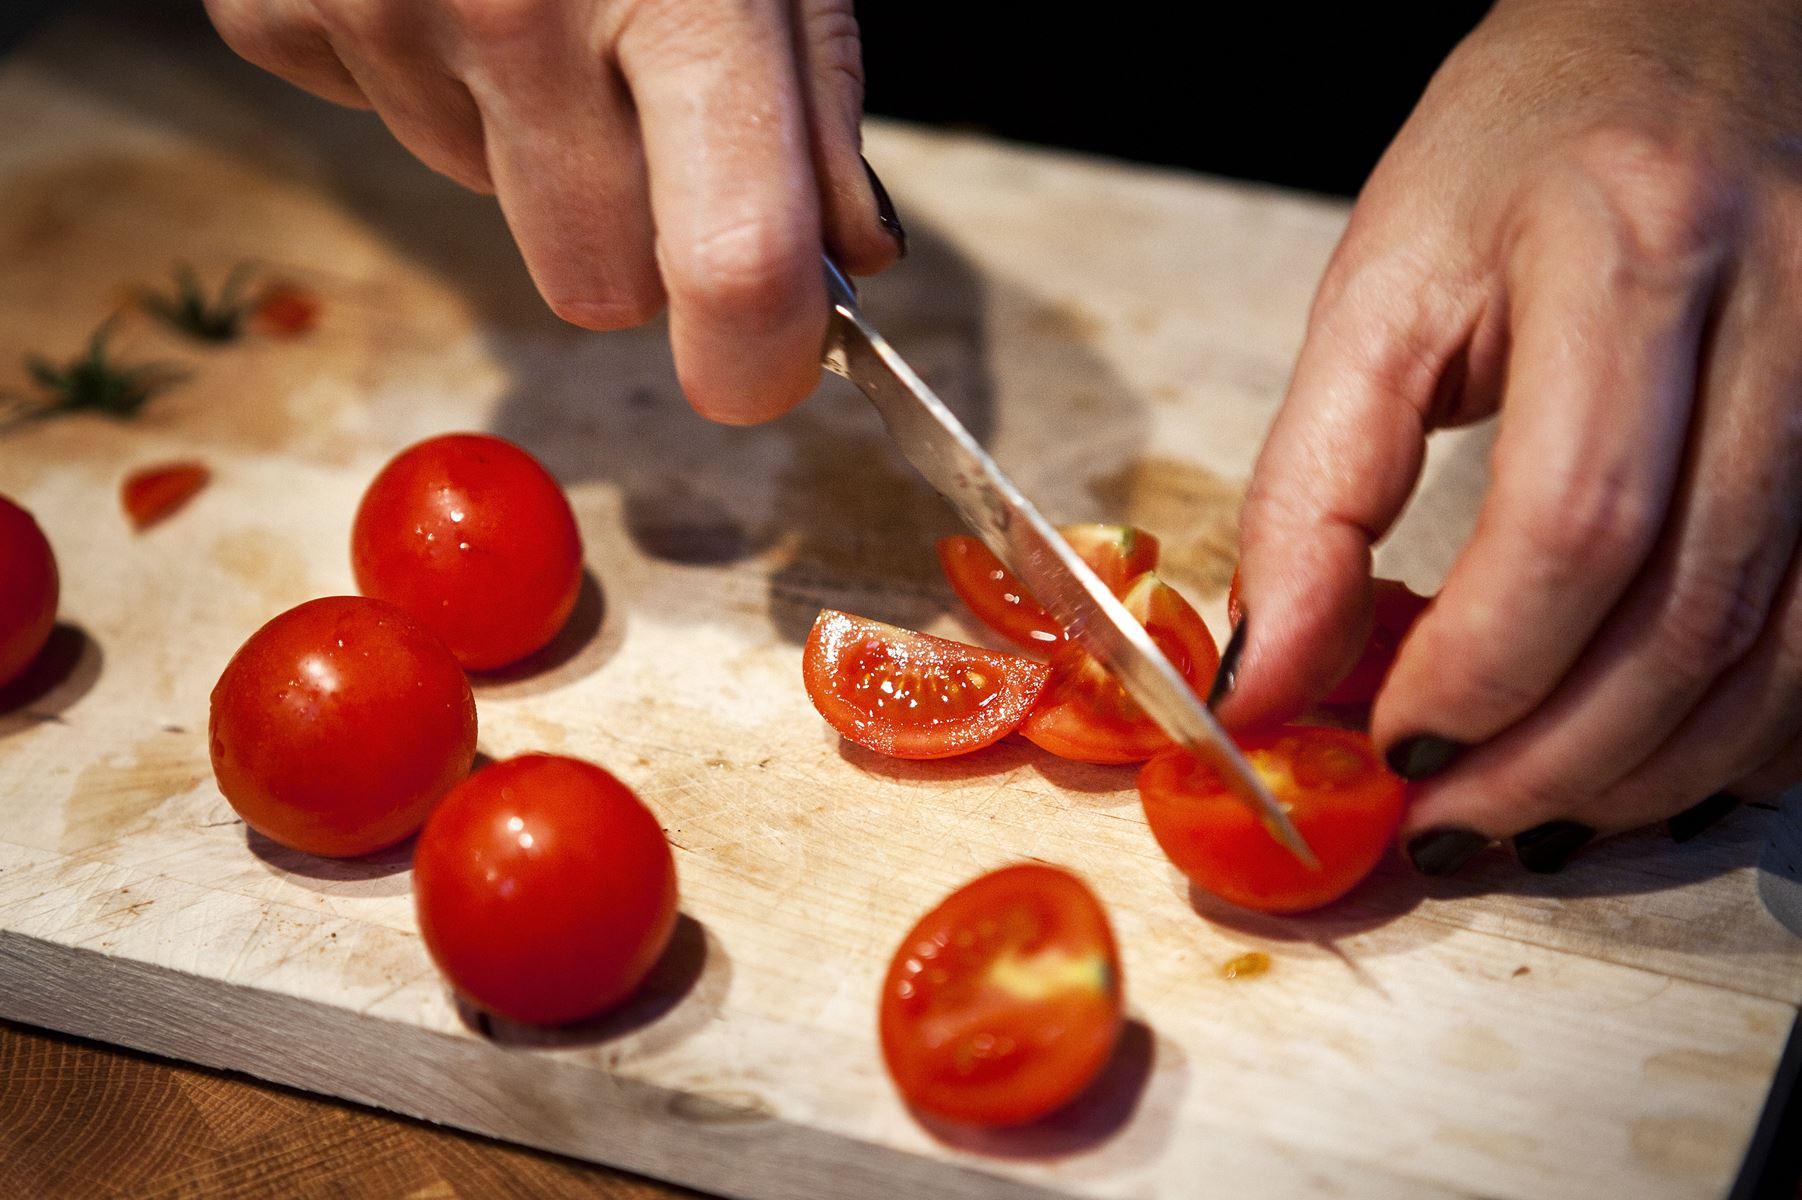 Rester fra madlavningen kan nemt gemmes og bruges senere. Det gælder både råvarer og middagsrester. Læs her, hvordan.